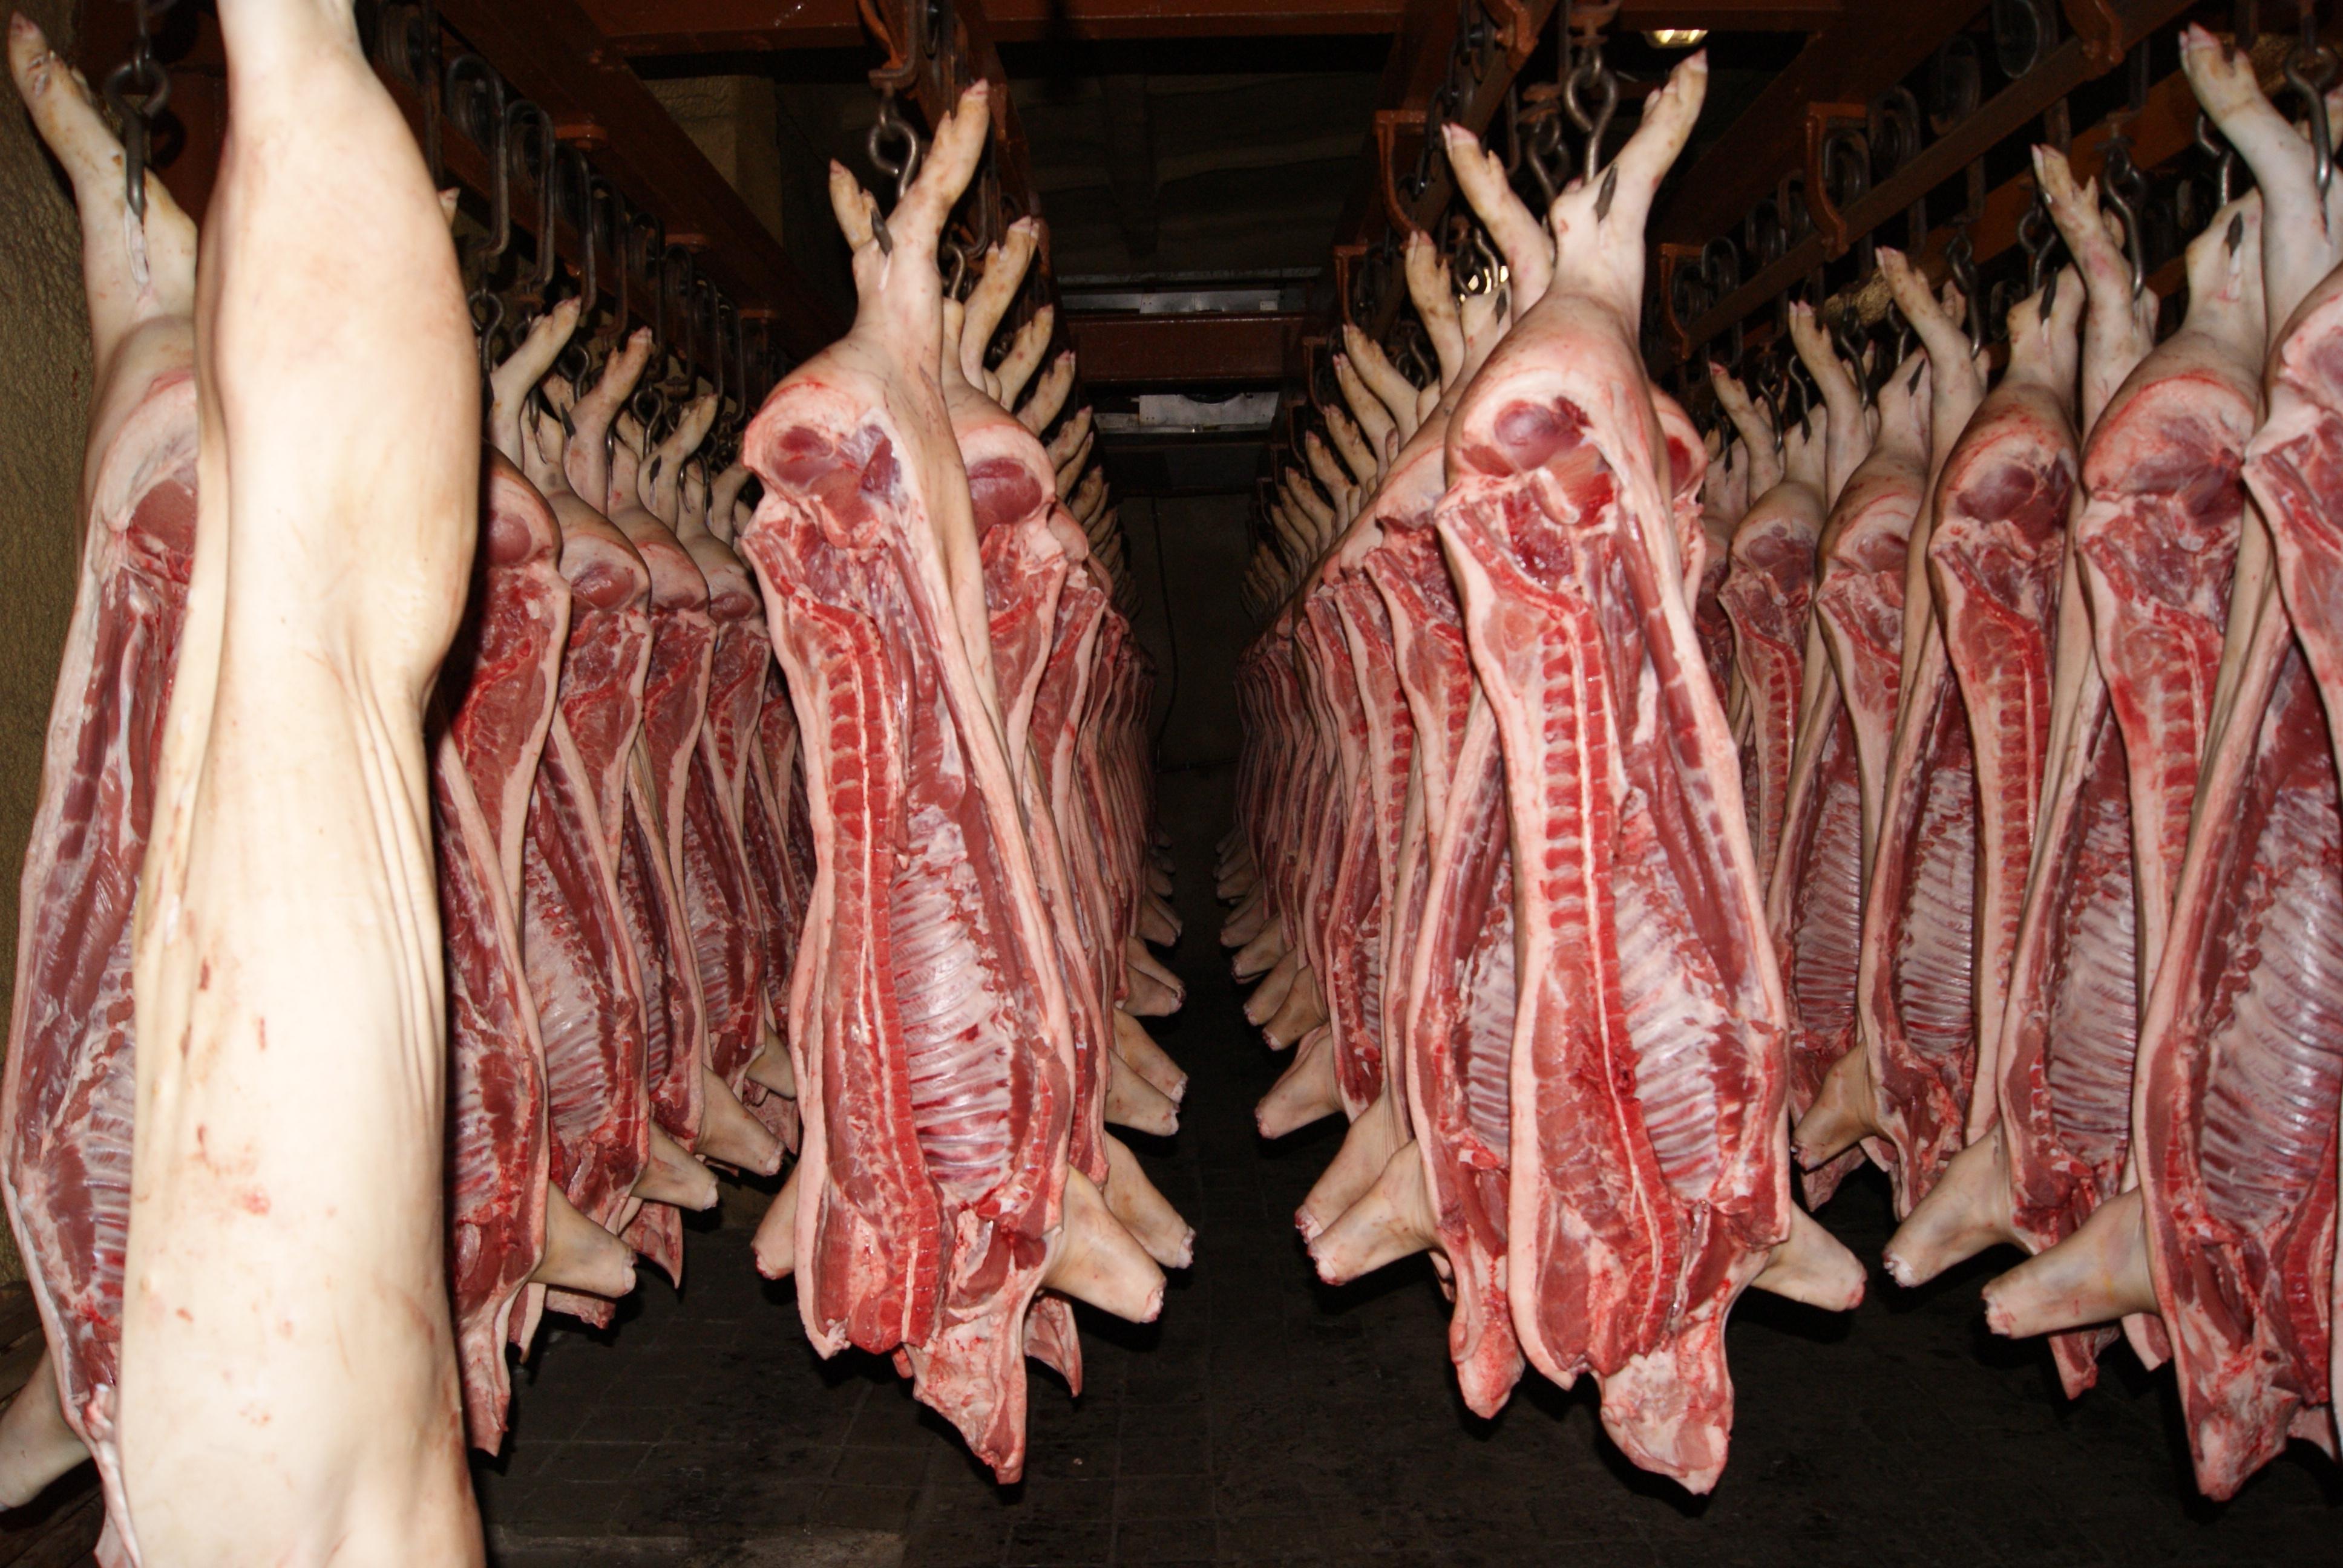 Свежая свинина полутушками